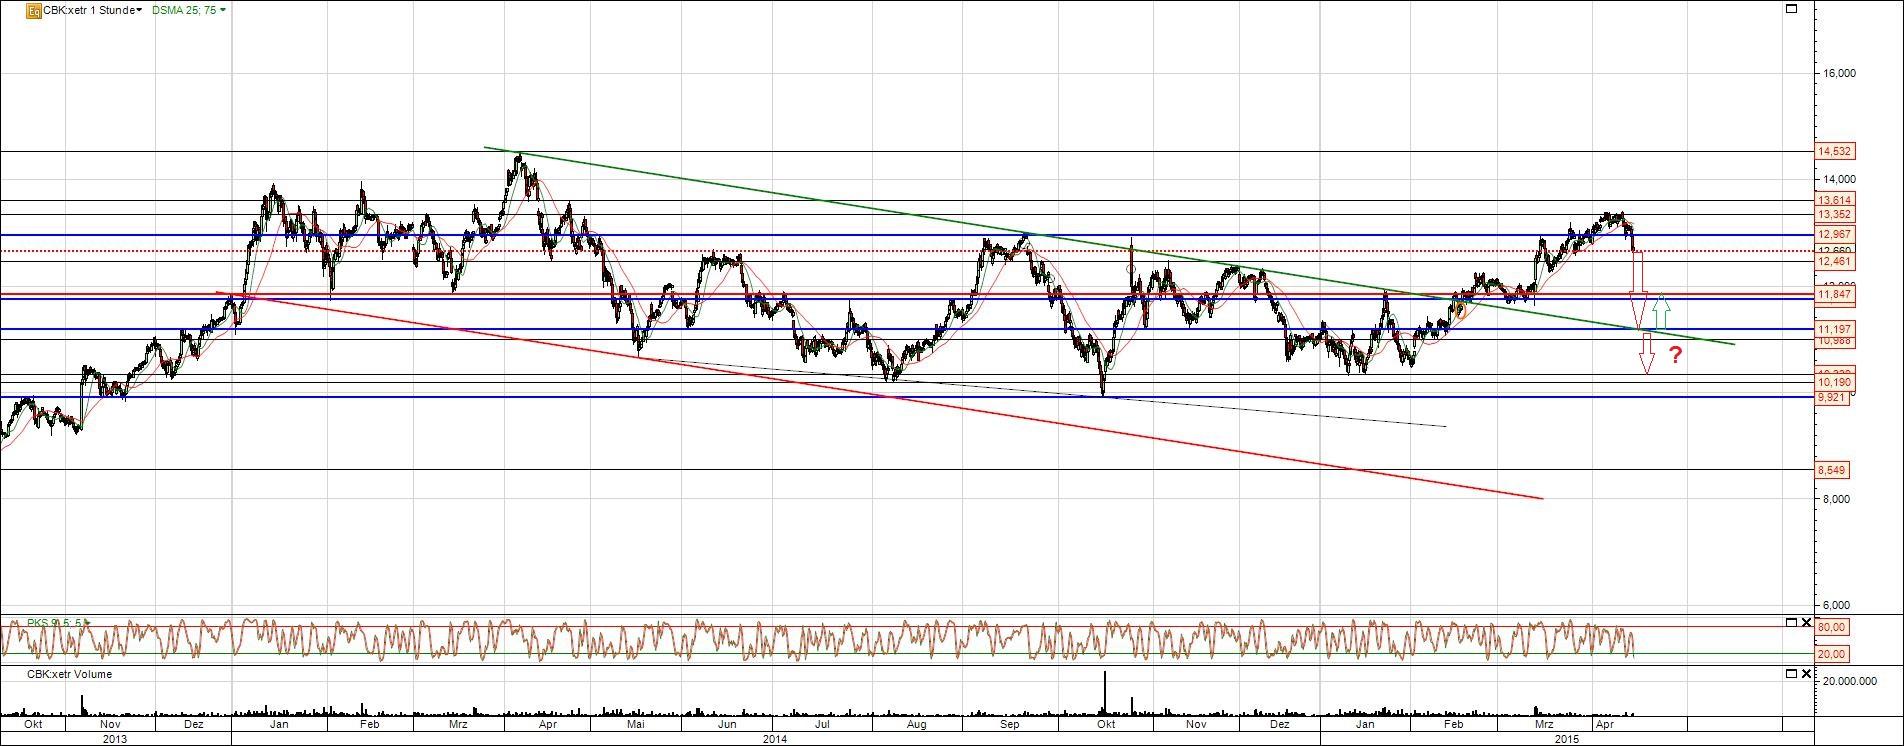 Commerzbank Aktien Chart 15 Monate